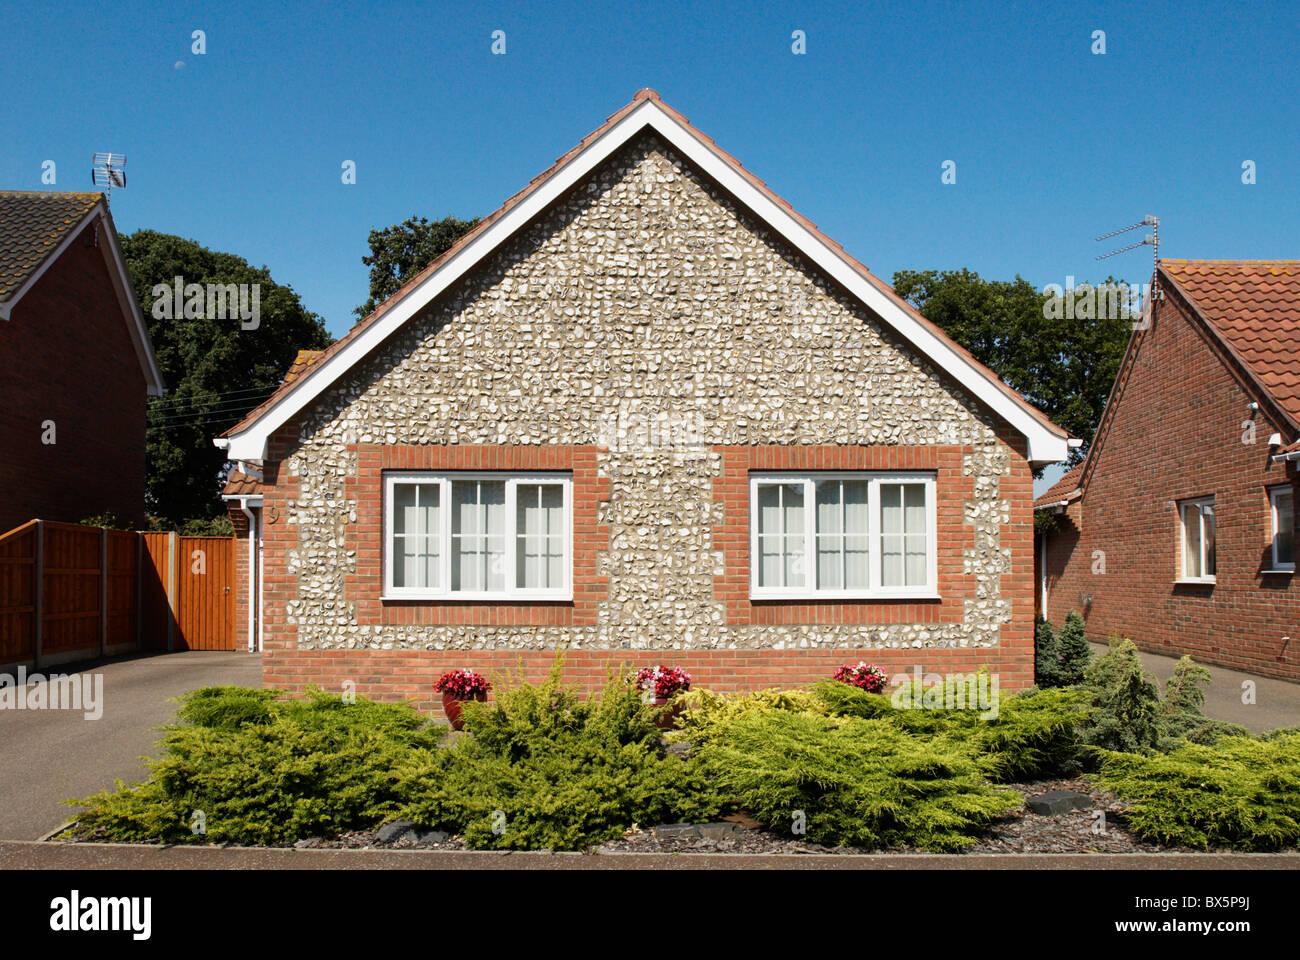 Bungalow Exterior Uk Stockfotos & Bungalow Exterior Uk Bilder - Alamy